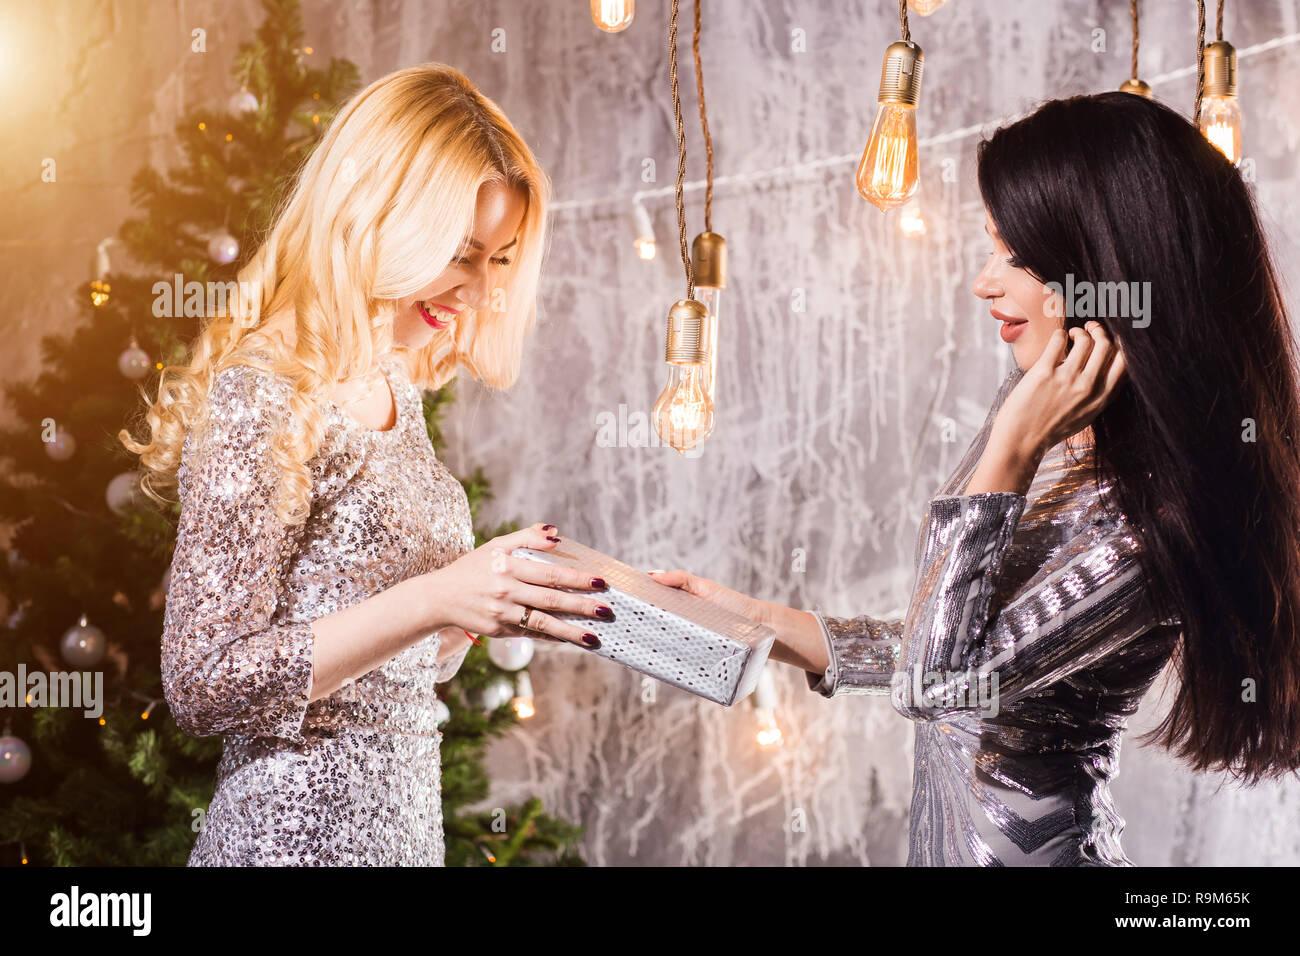 Andere Weihnachtsgeschenke.Positiv Erfreut Frauen Jede Andere Weihnachtsgeschenke Neues Jahr